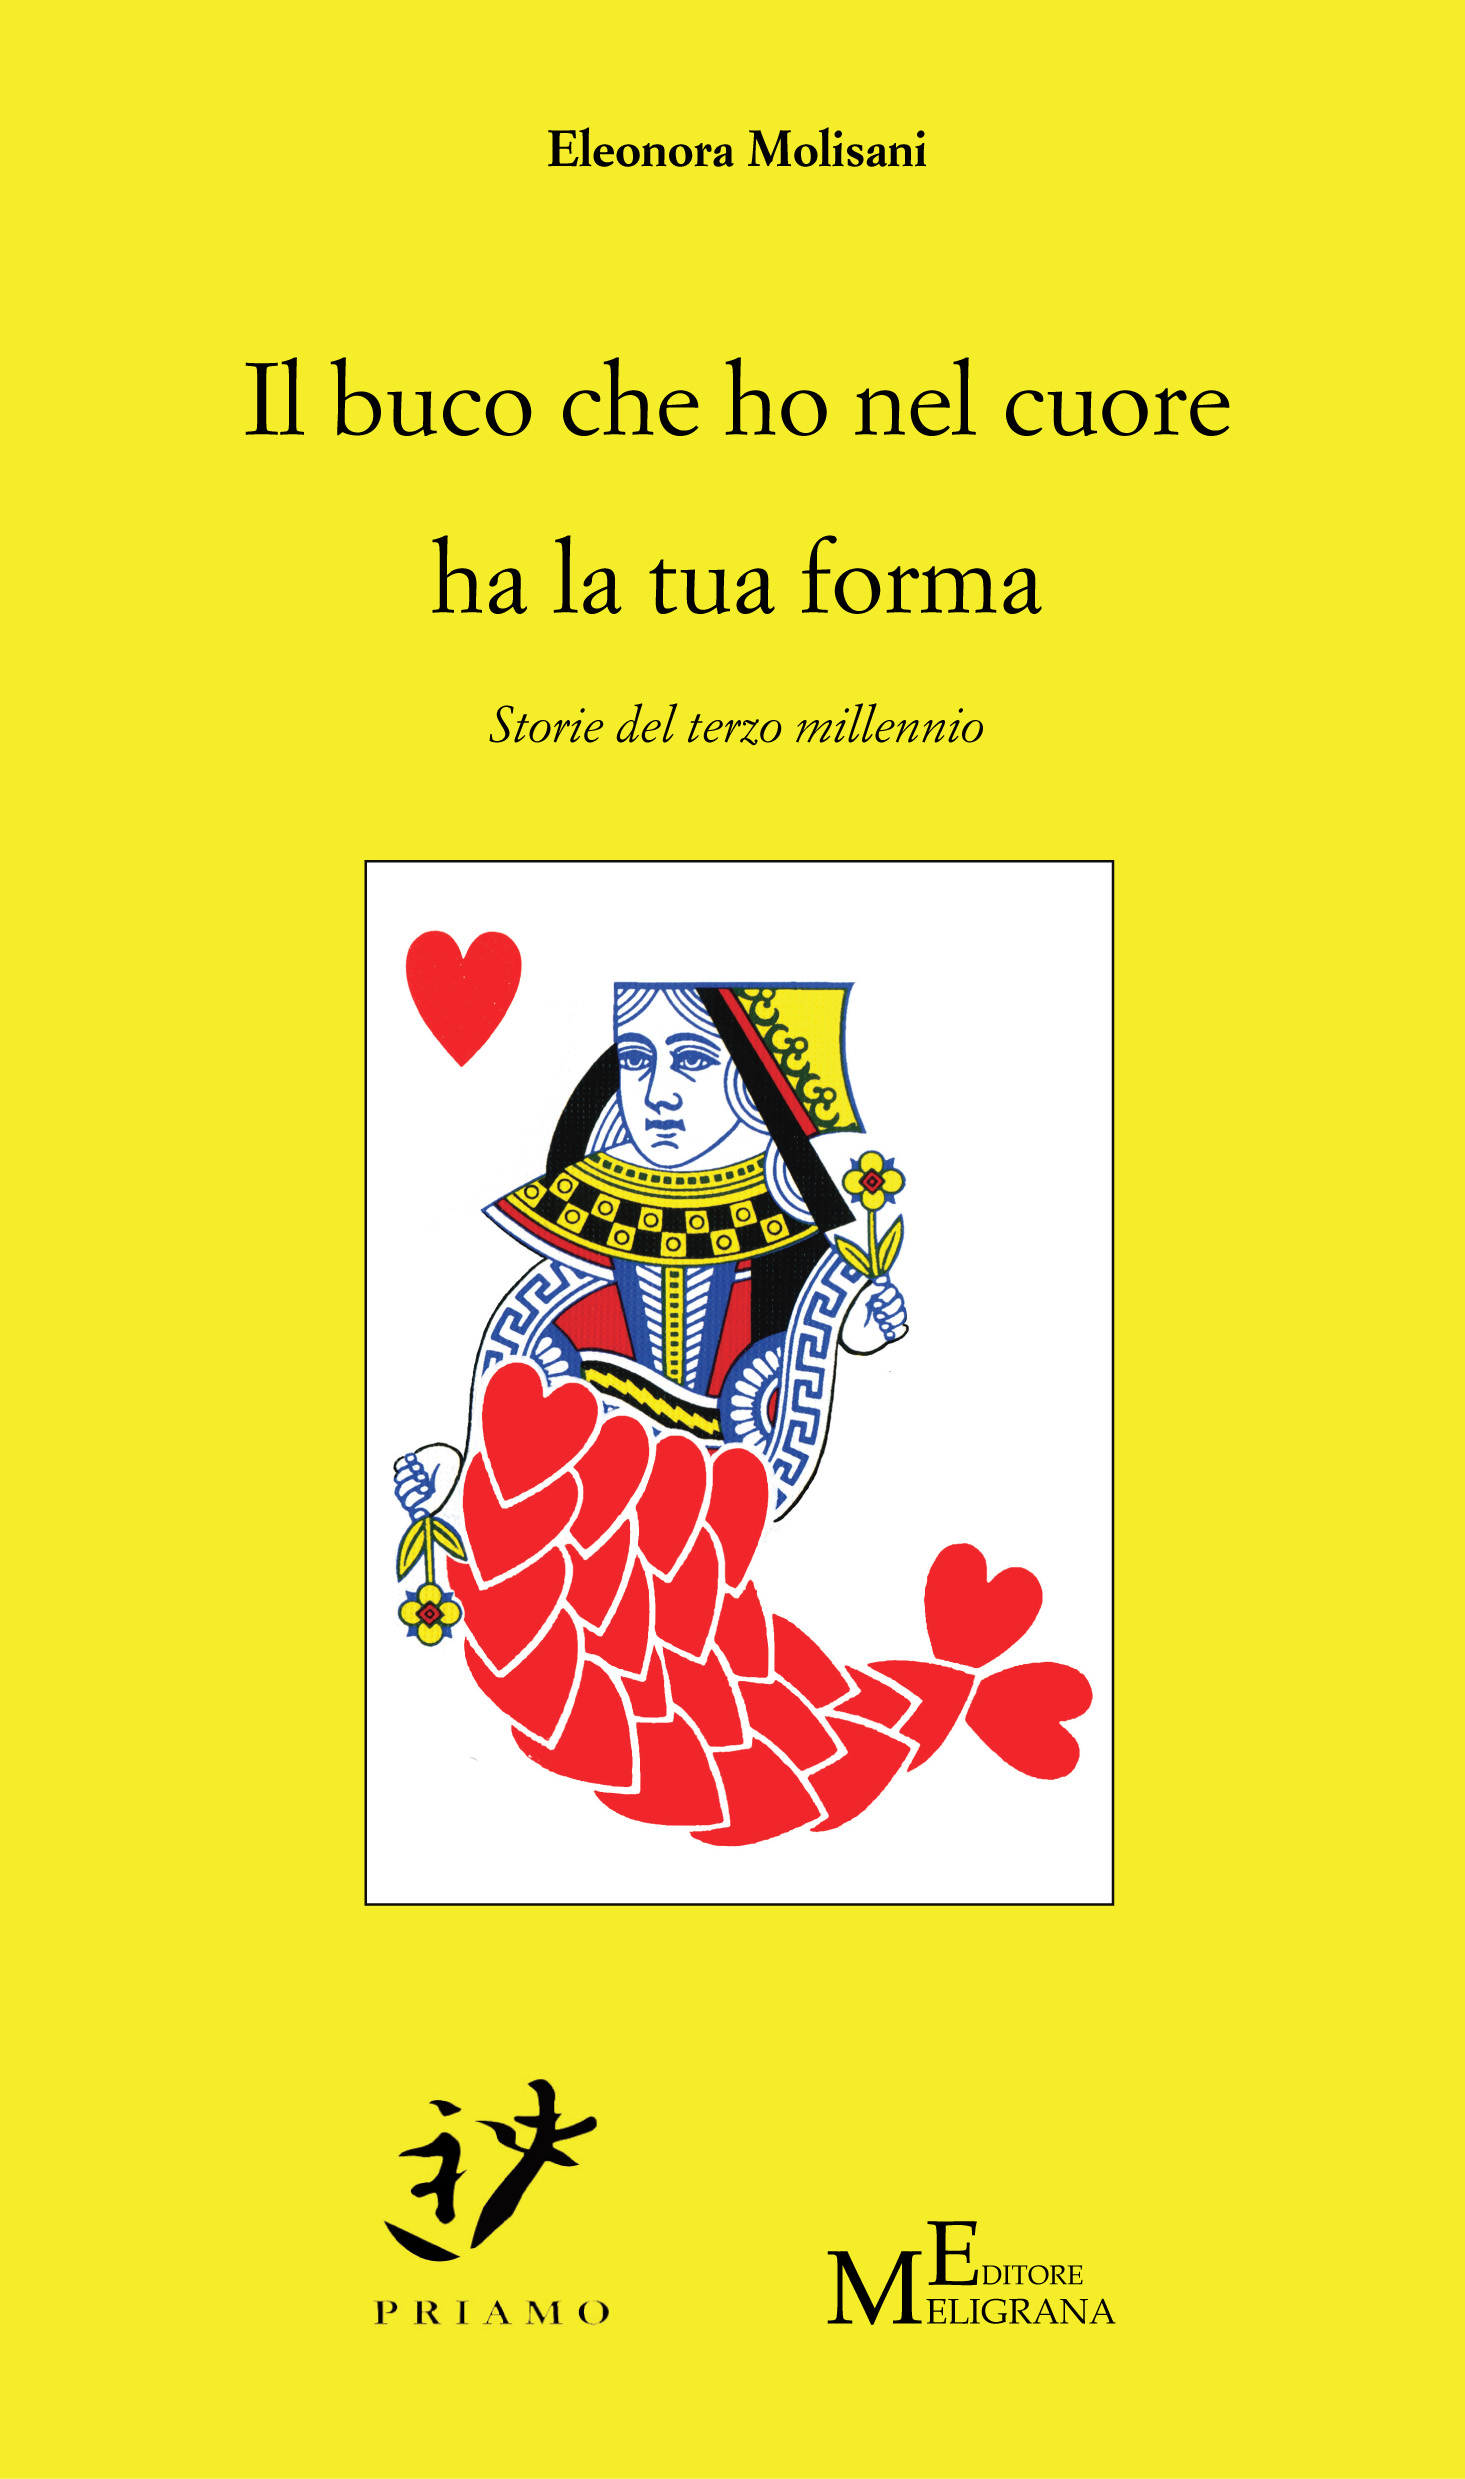 Eleonora Molisani, Il buco che ho nel cuore ha la tua forma, Priamo e Meligrana Editore